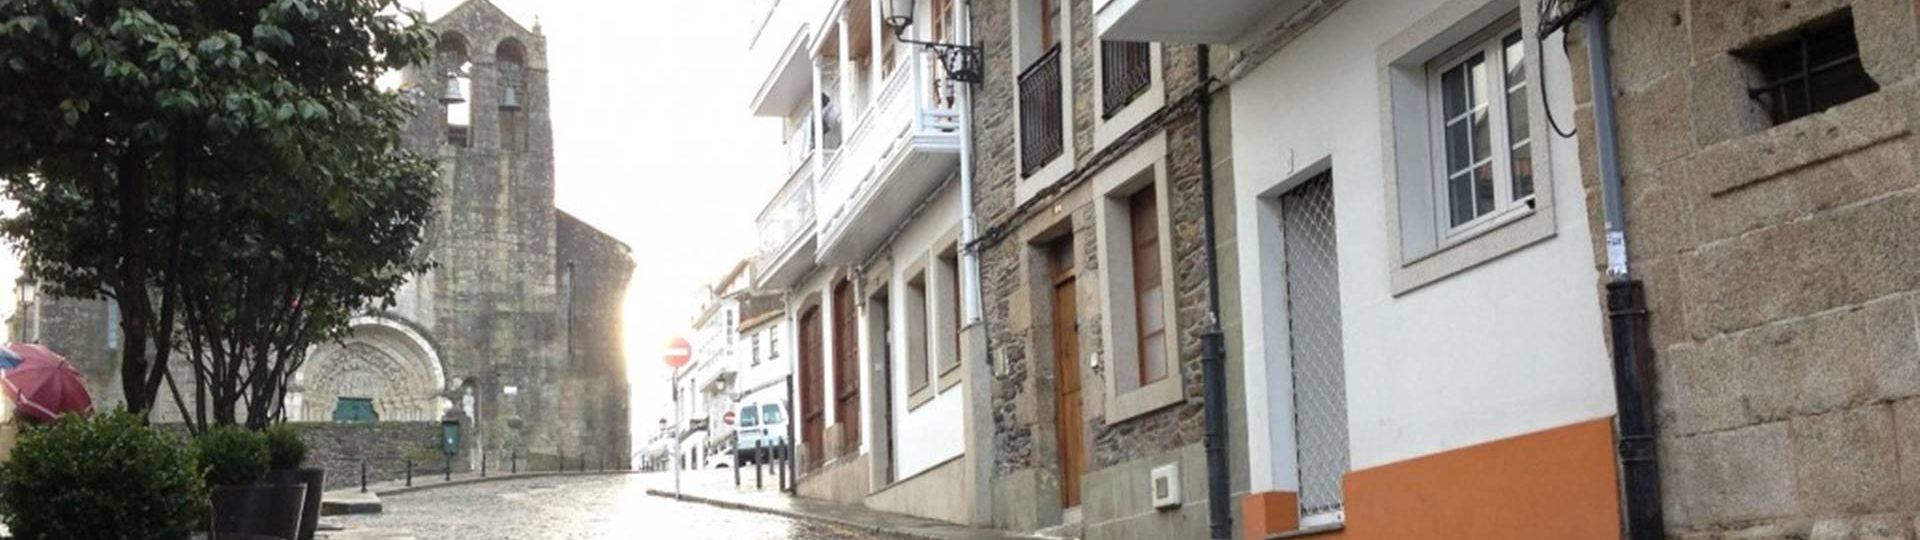 Acondicionamiento de calles en el casco histórico de Betanzos